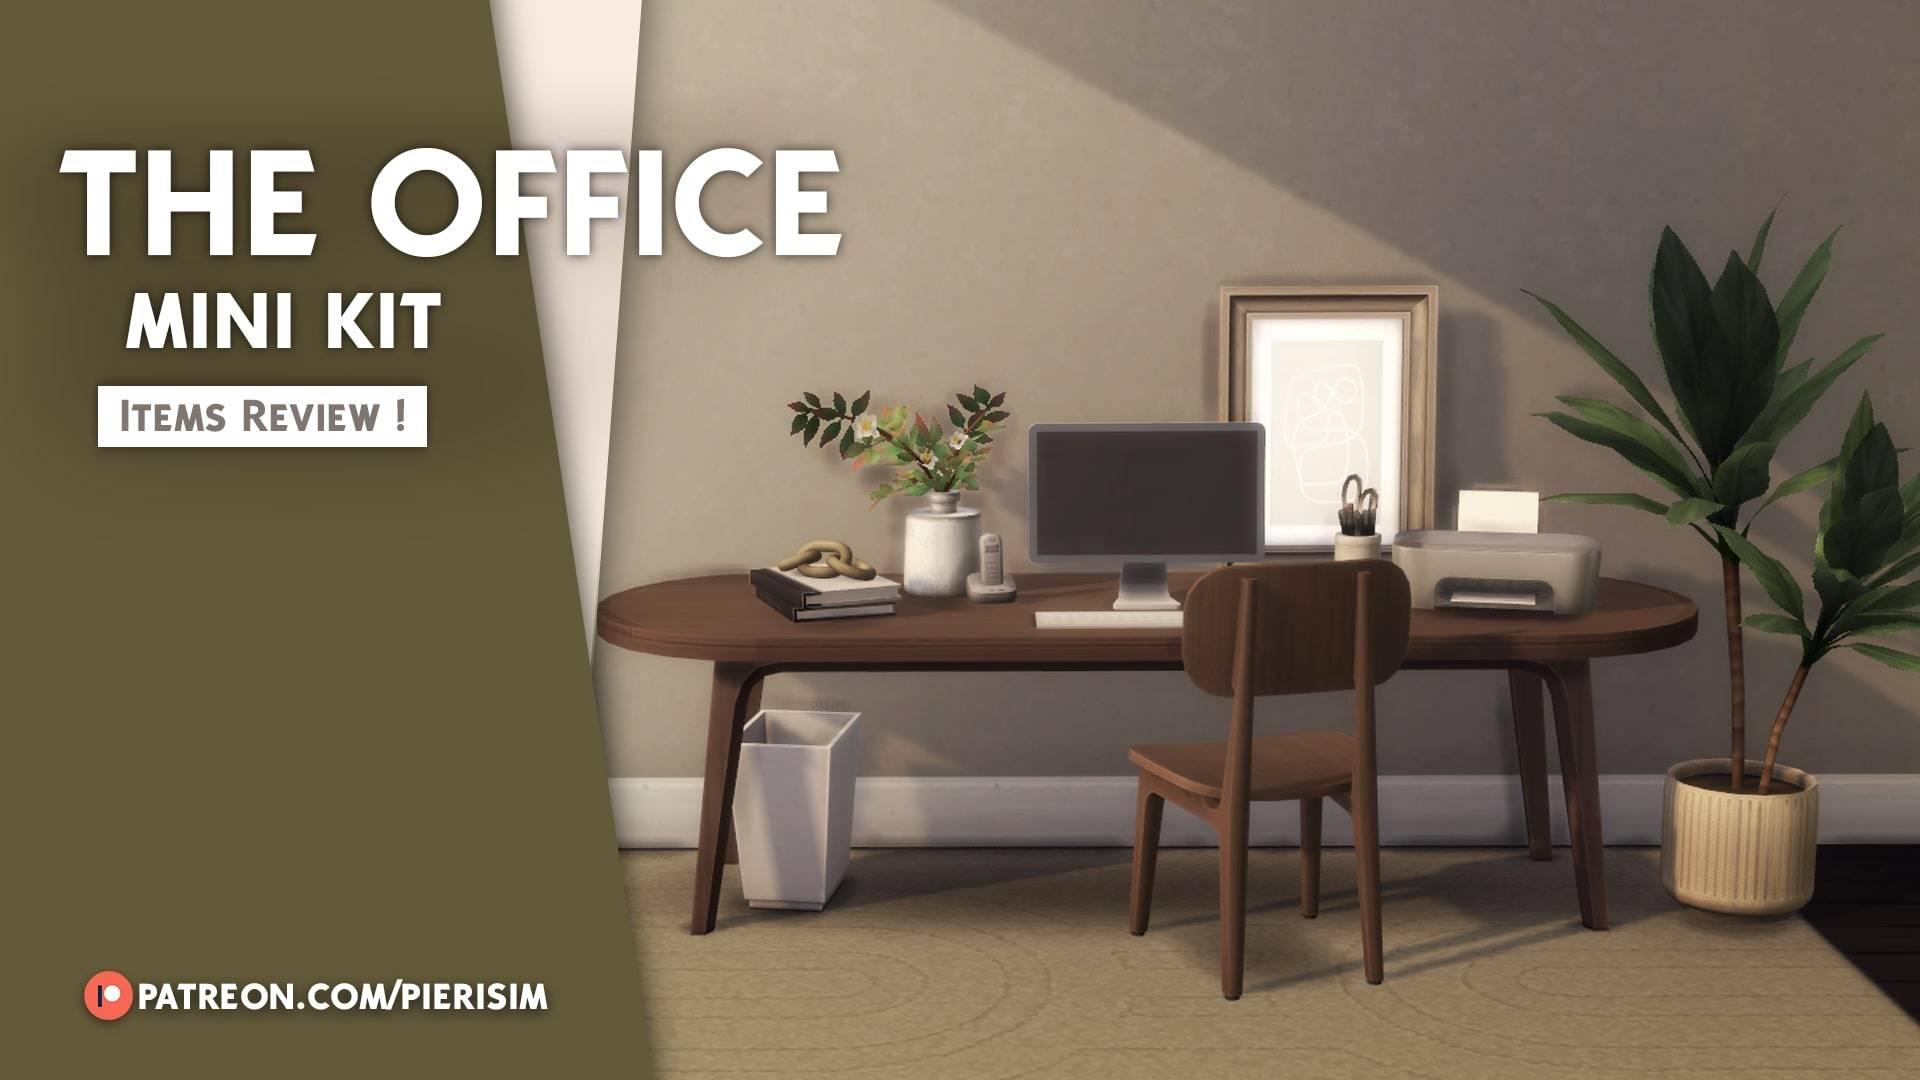 Сет для рабочего кабинета - THE OFFICE